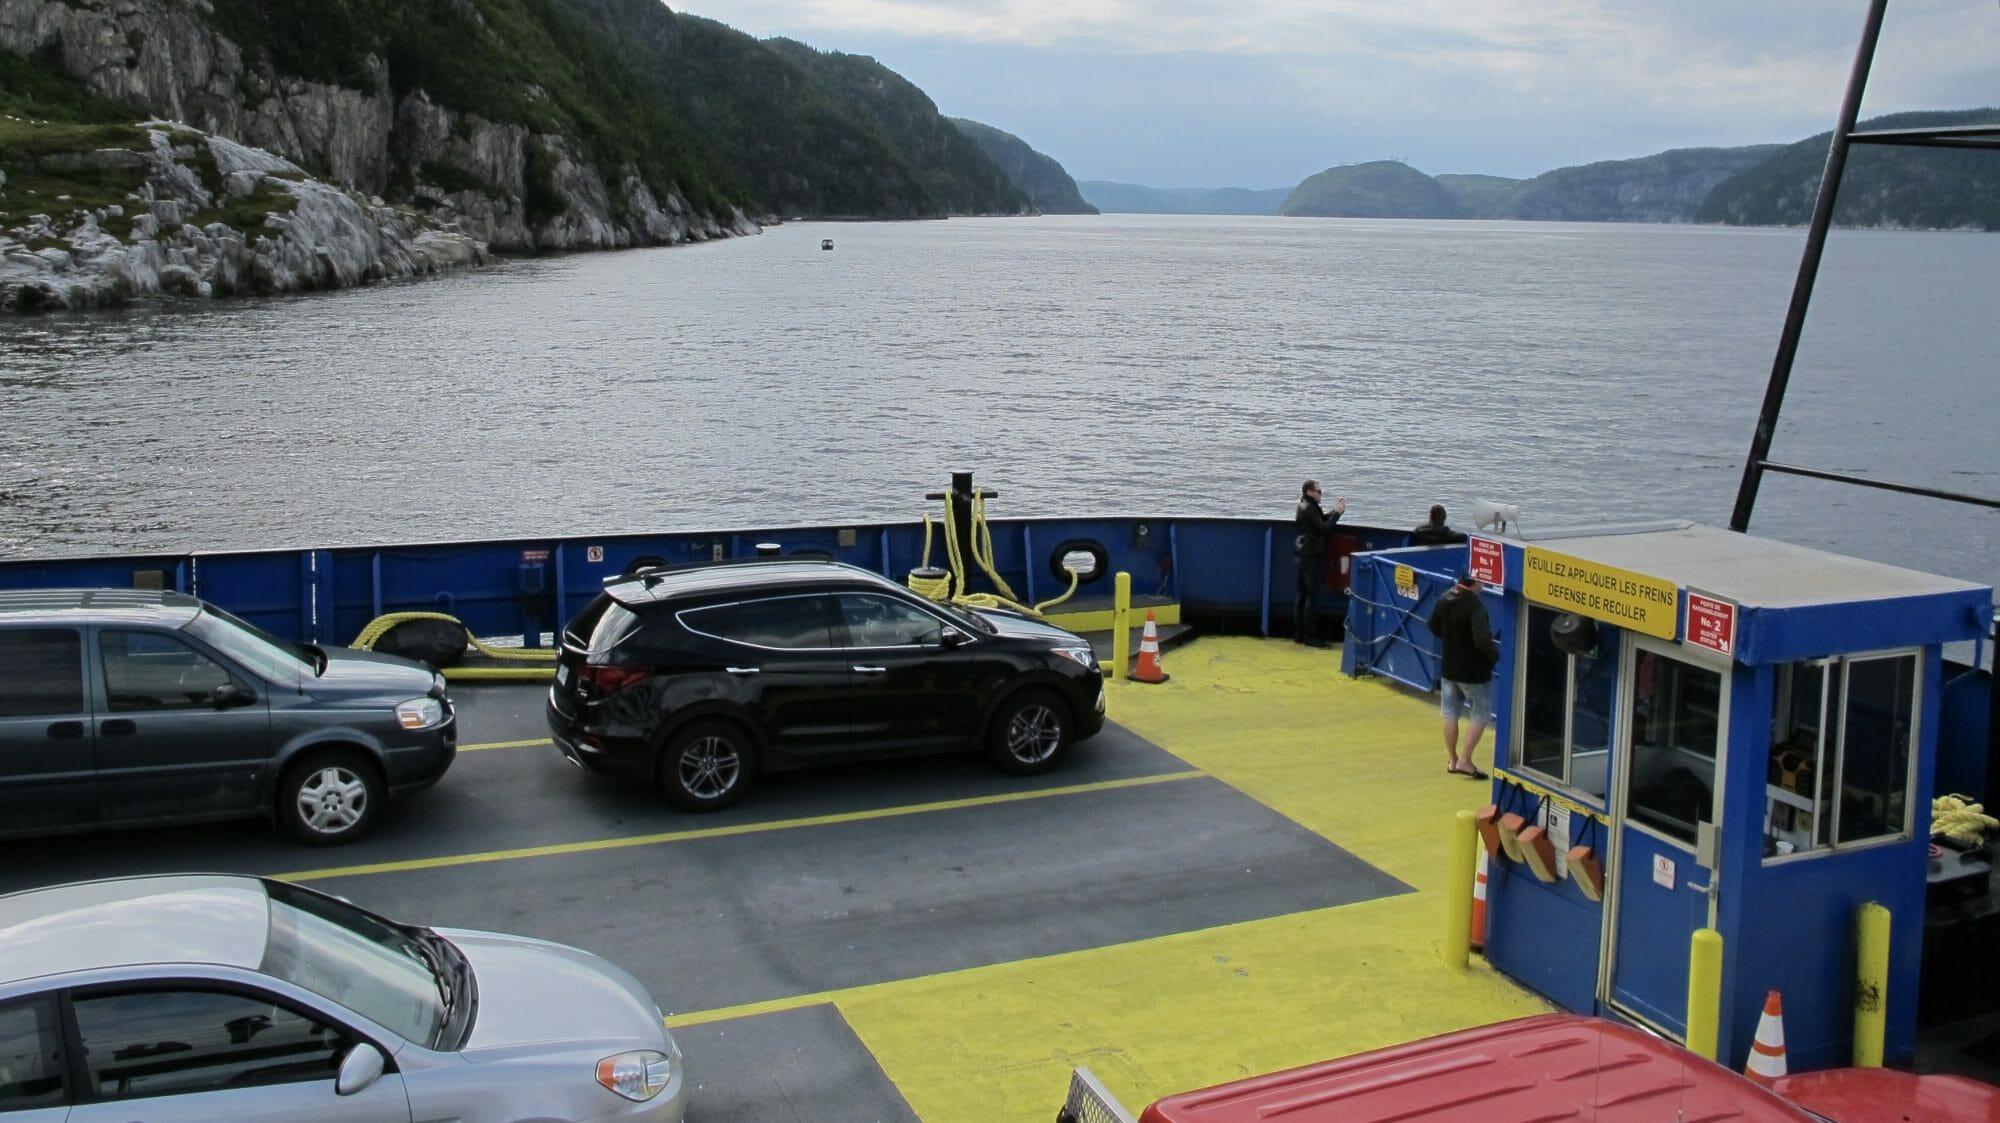 Ferry a Tadoussac cruzando el fiordo Saguenay, Canadá